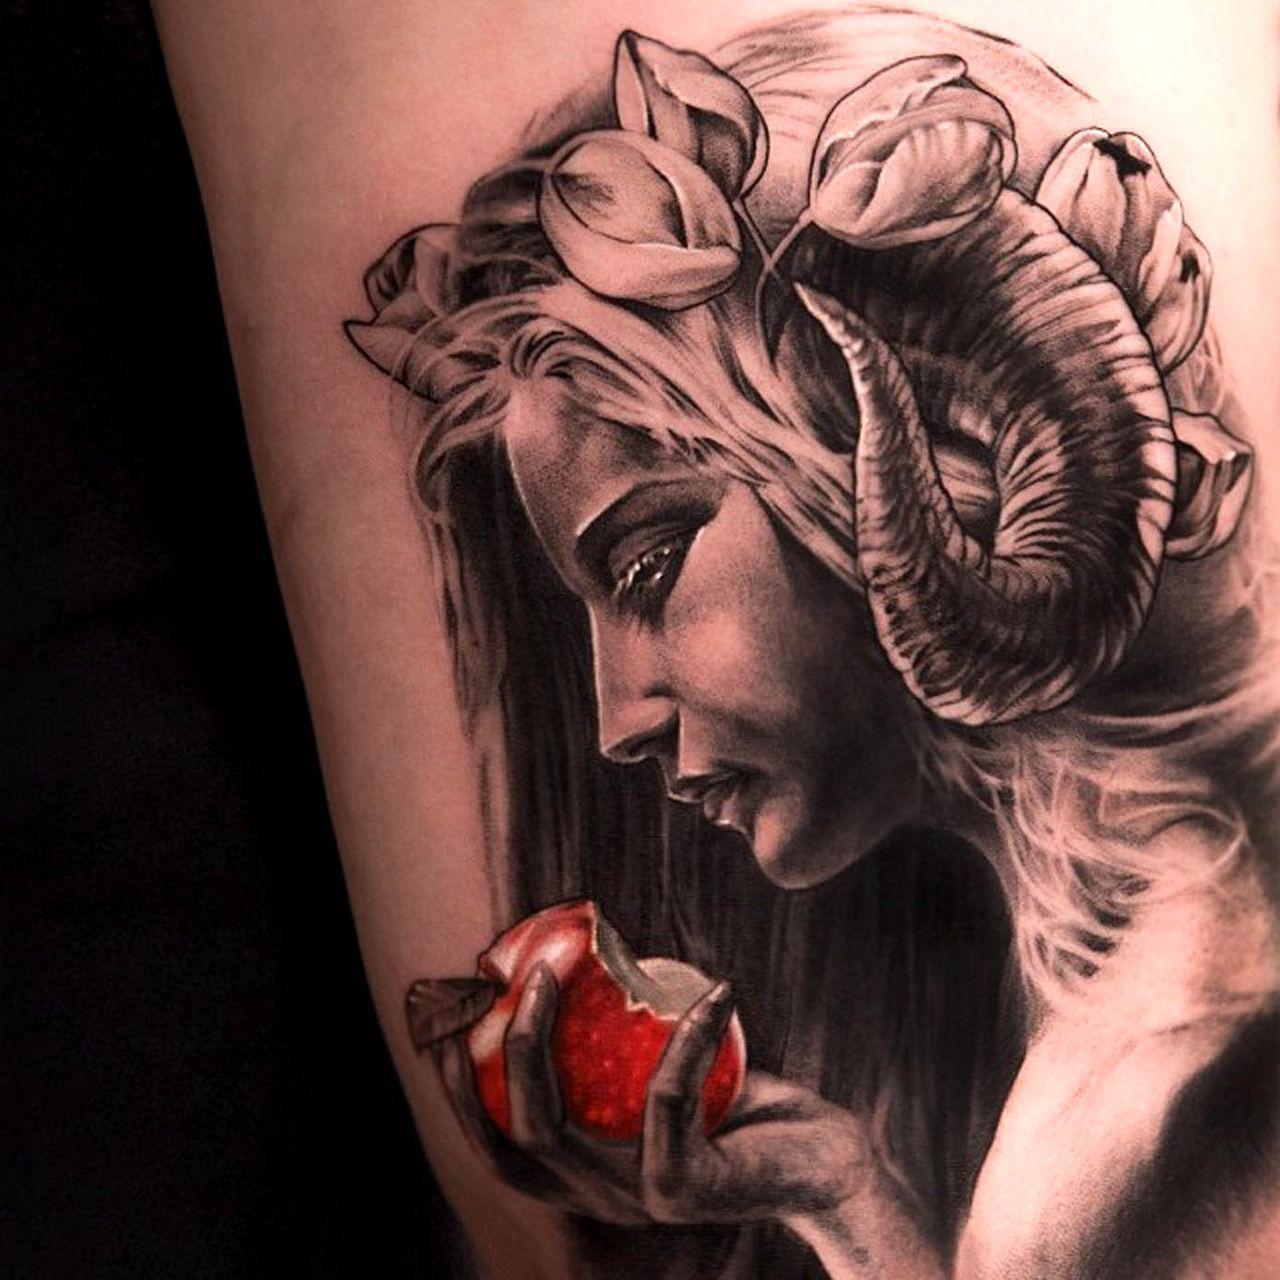 Tattoo Tattoo Ink Tatts Amazing 3d Tattoos 3d Tattoos Evil